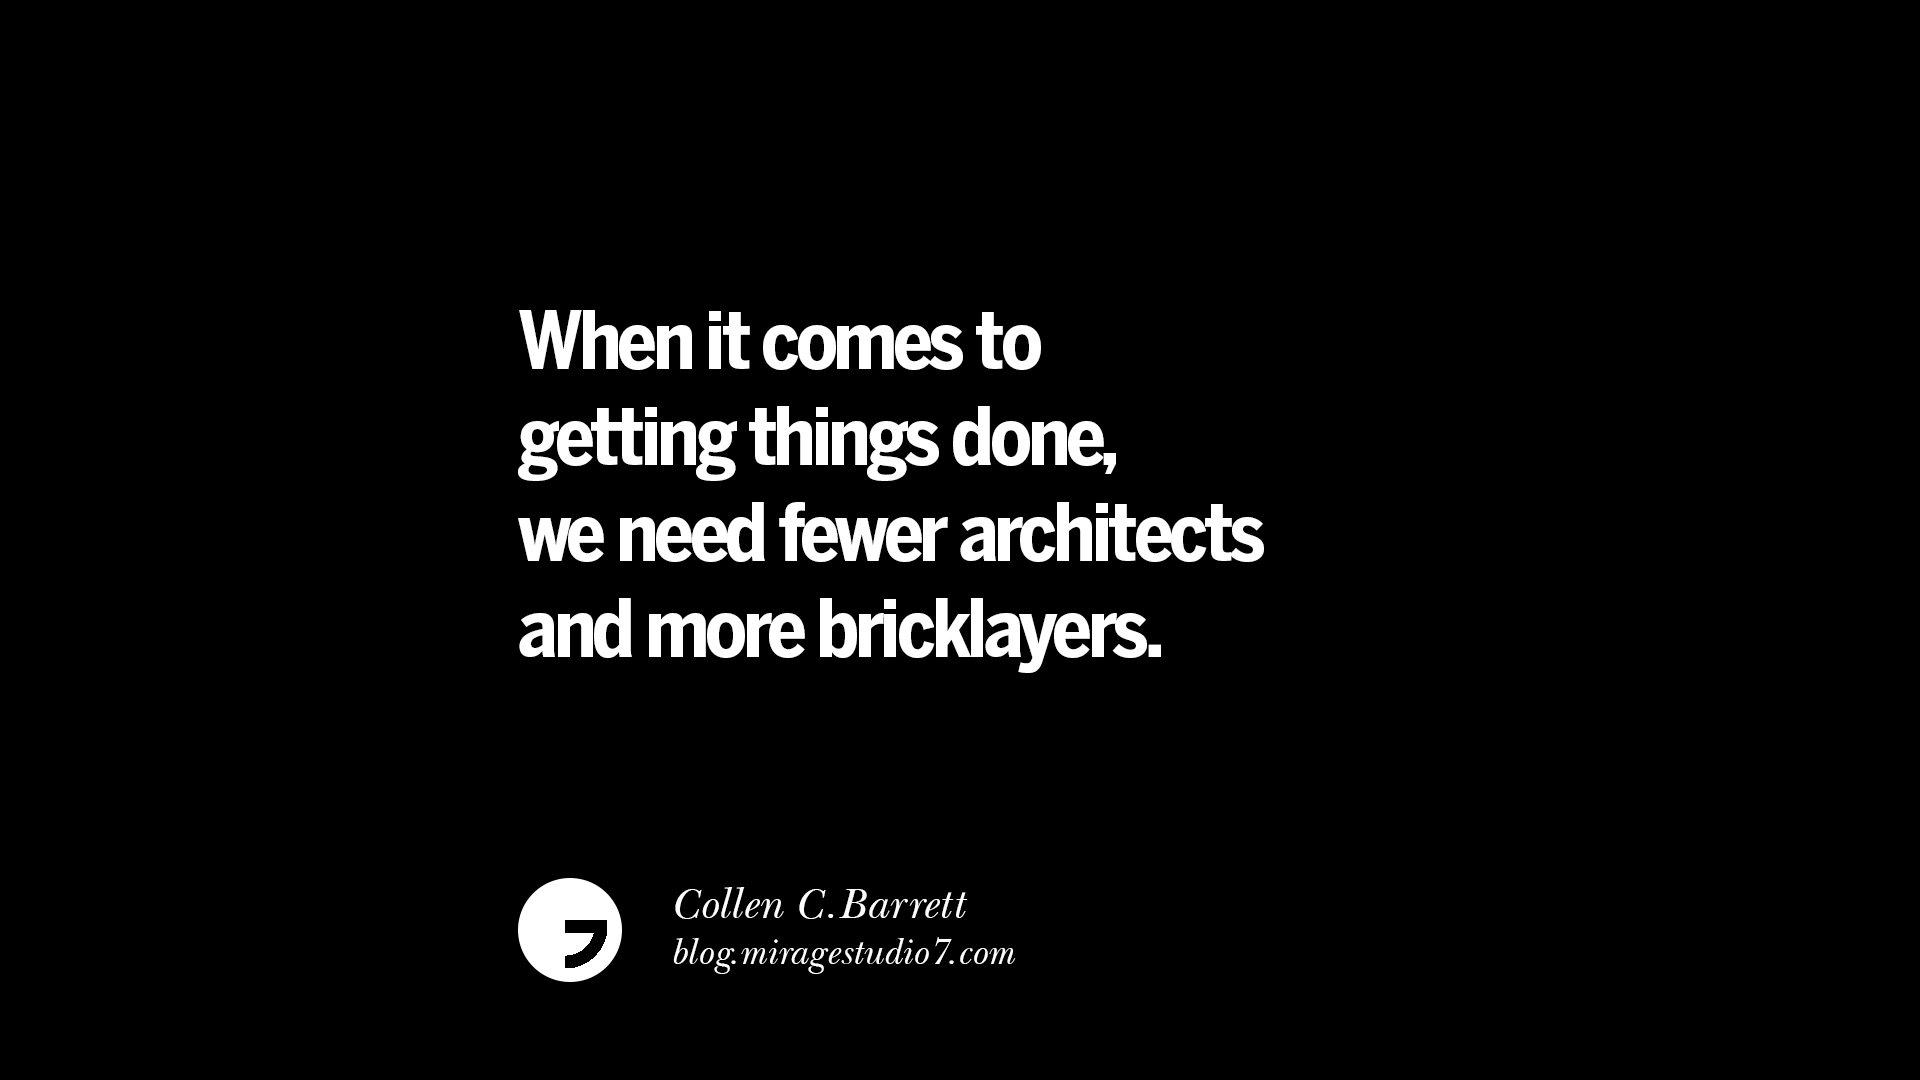 collen_barrett_quote